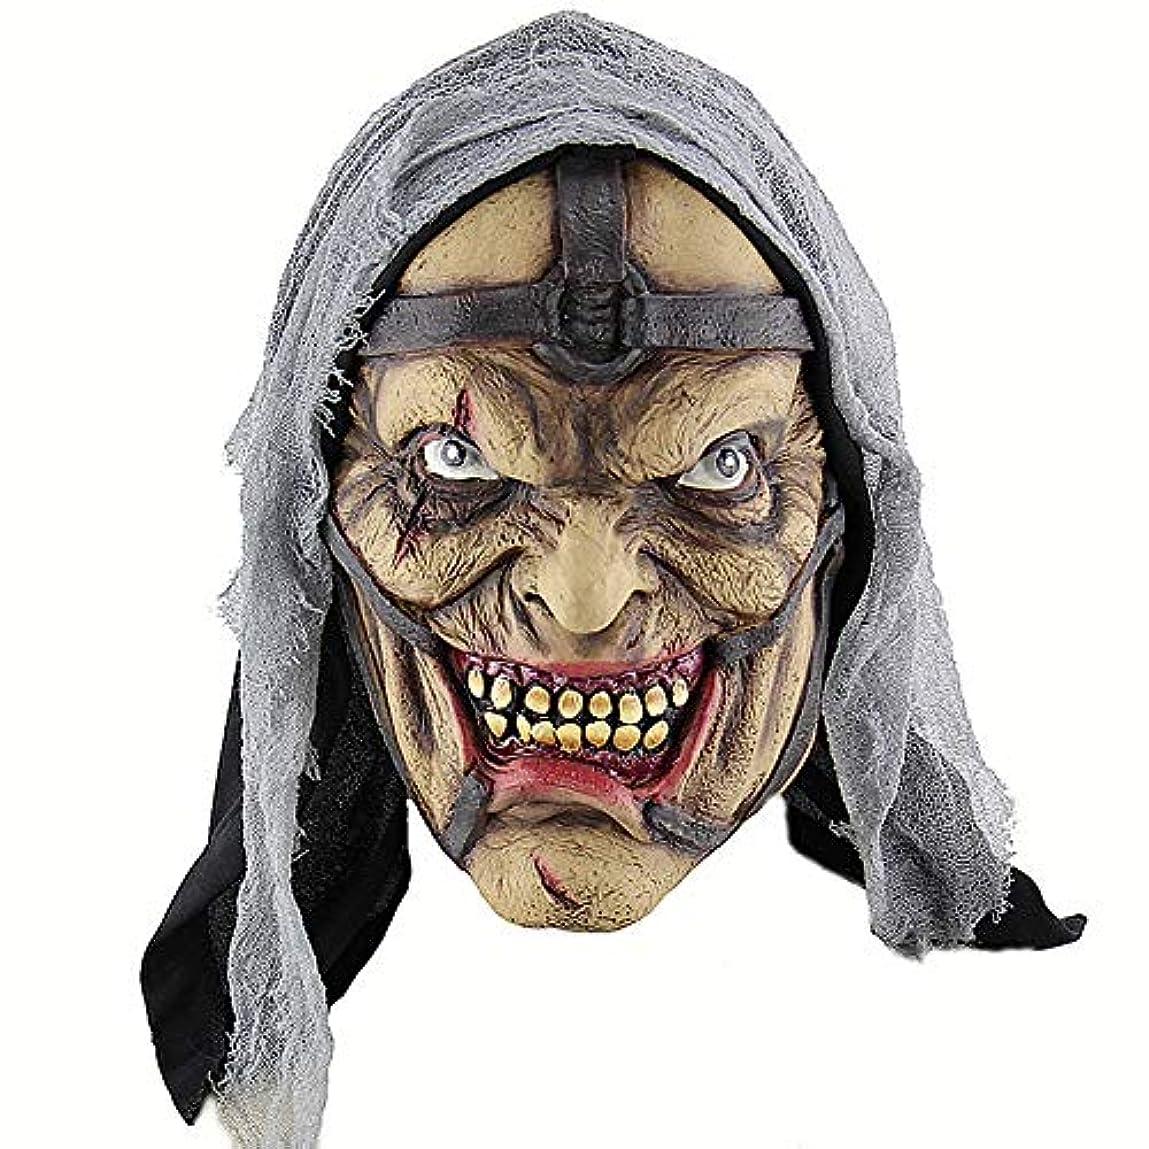 ヘッドギアハロウィーンホラー魔女ポン引きモンスターマスクラテックスゴーストマスクヘッドギア頭囲65cm以下